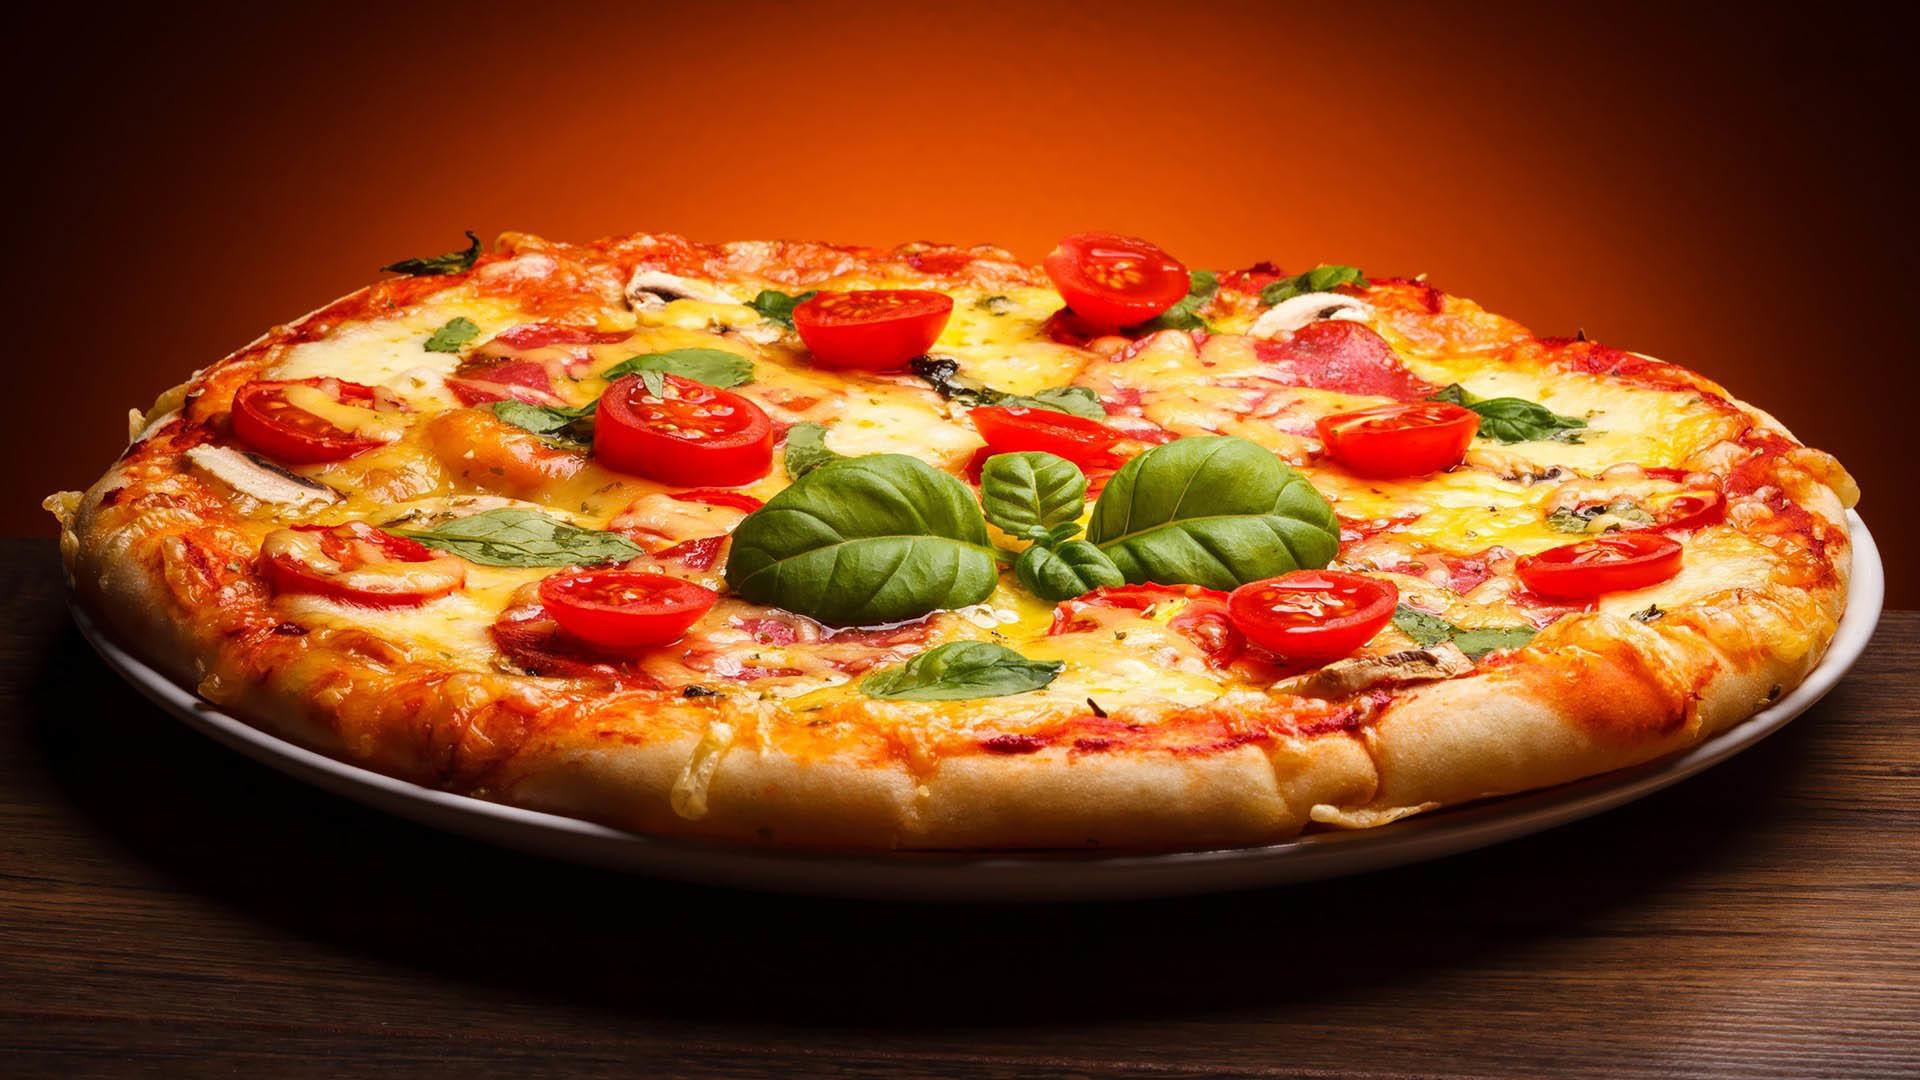 Pizzeria livraison vente à emporter secteur Varangéville - Restauration Rapide